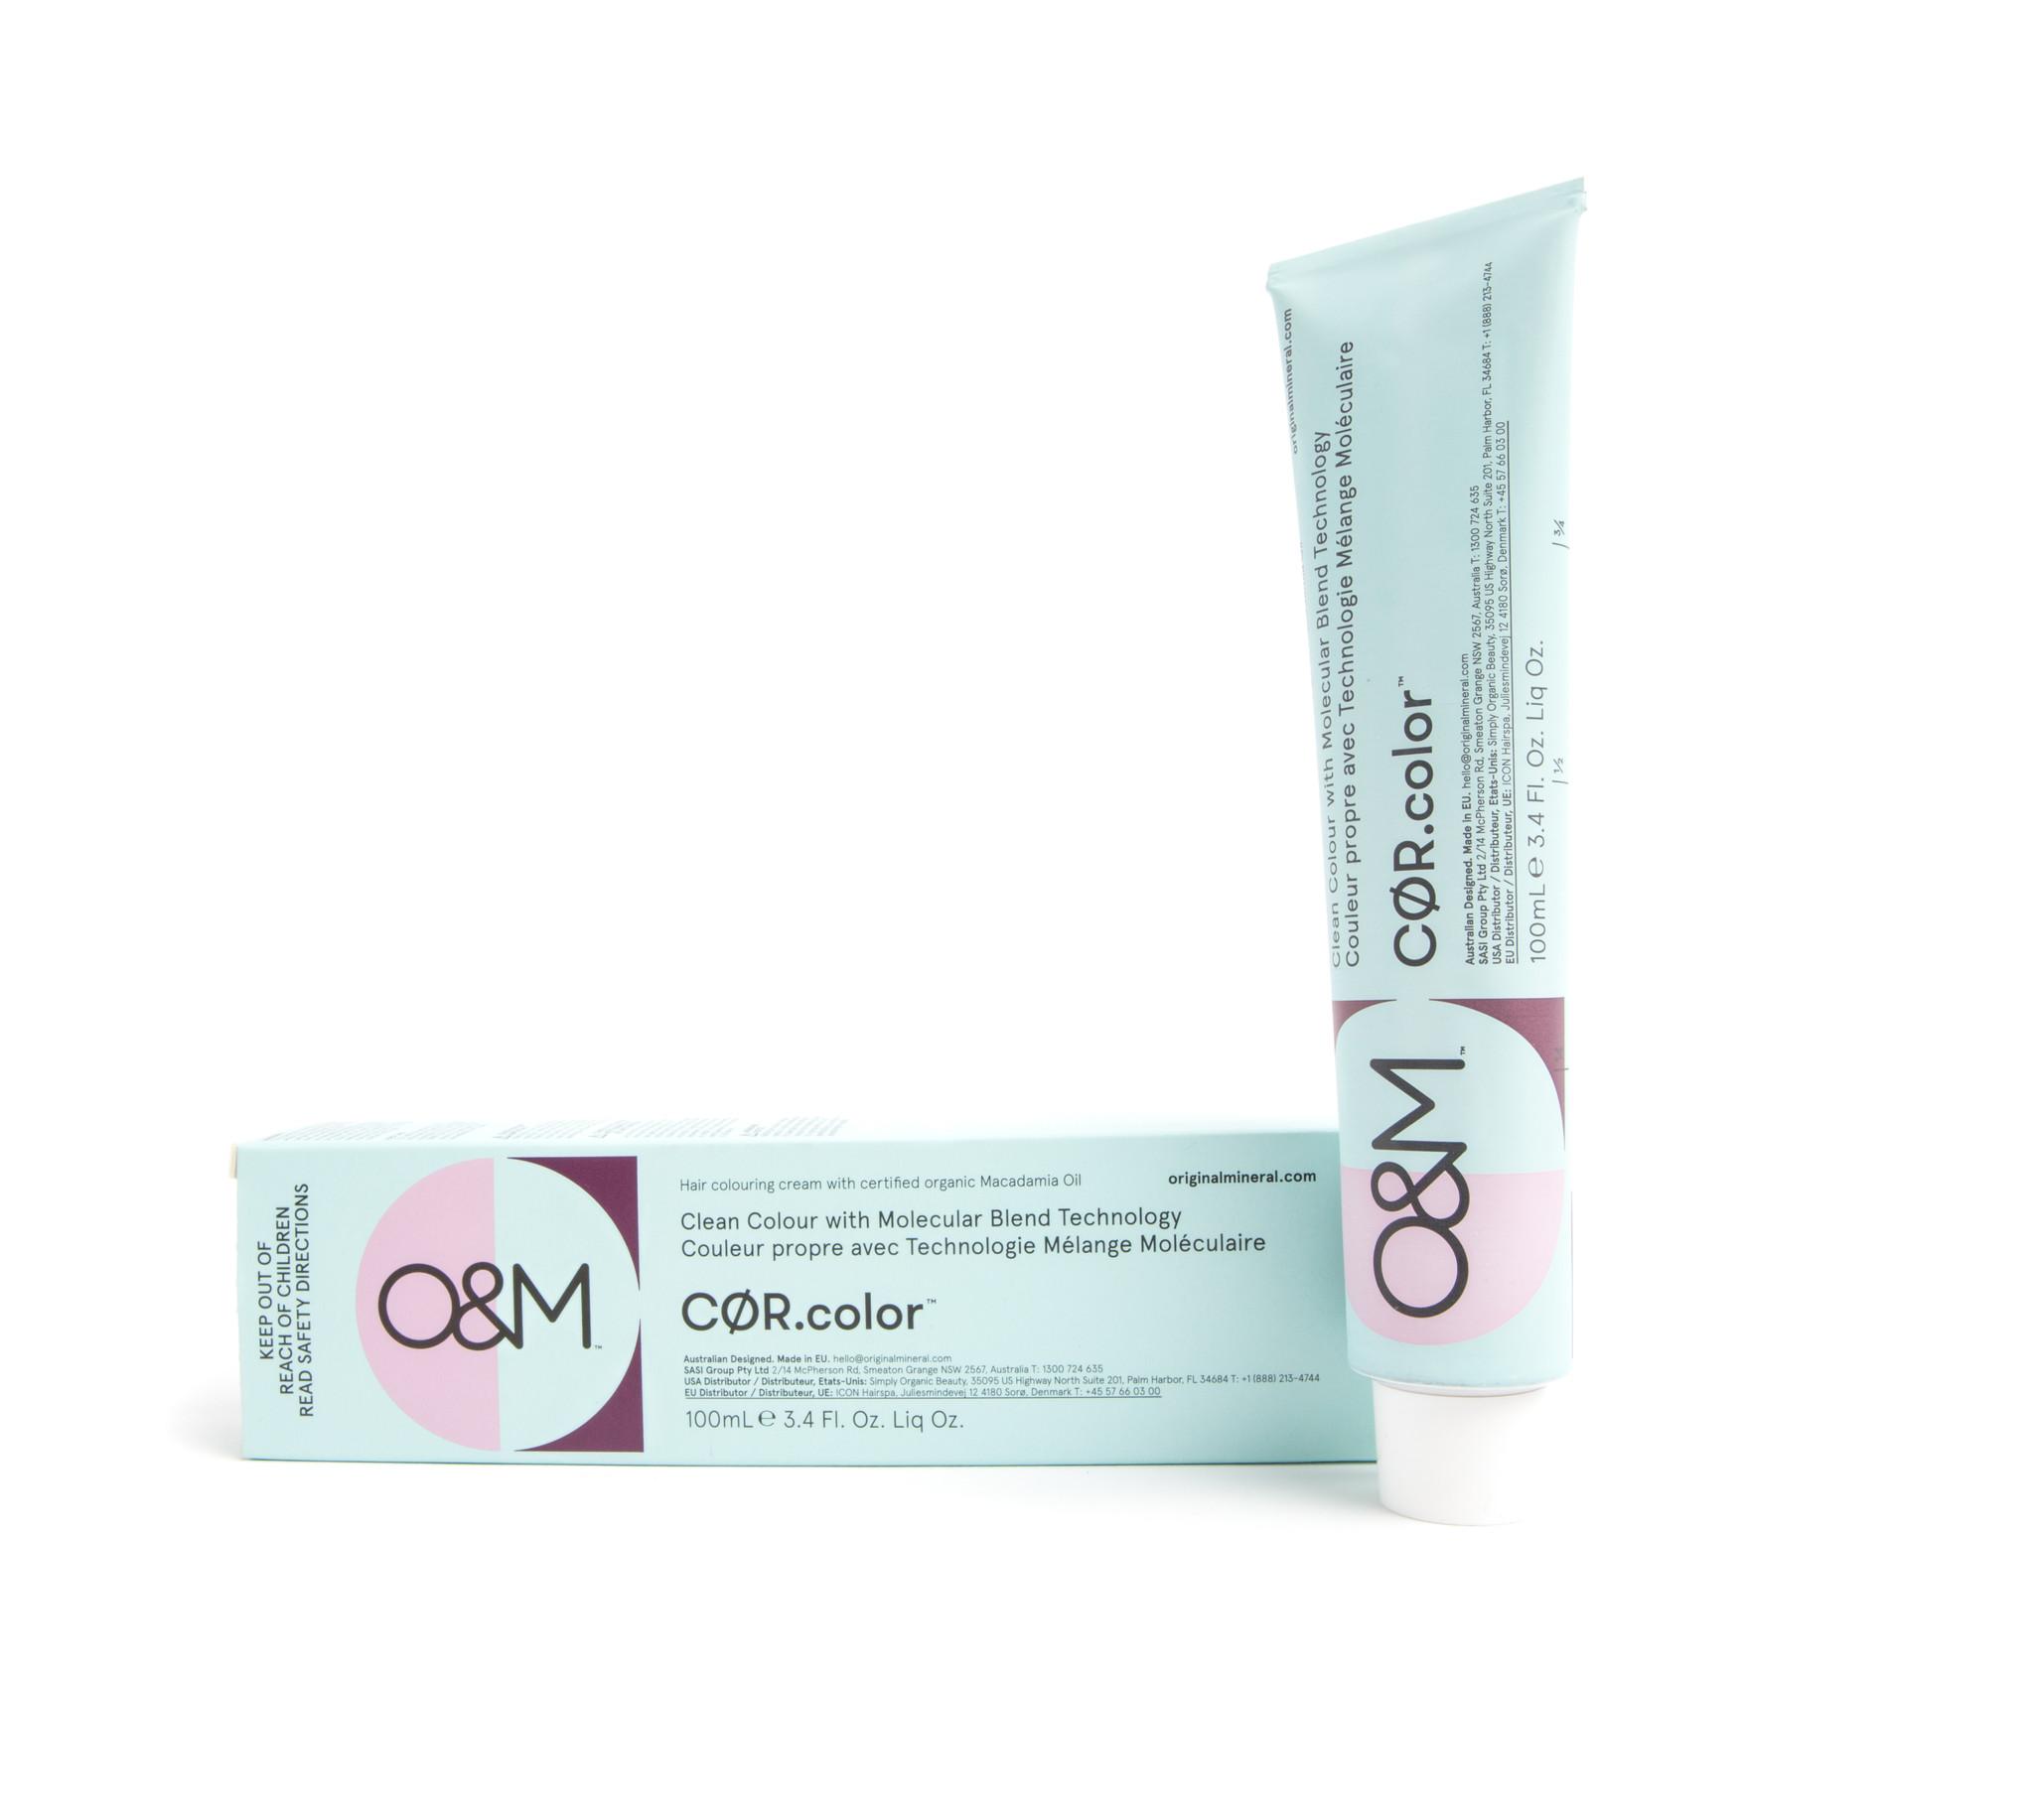 O&M - Original Mineral O&M CØR.color Light Brunette Blonde 8.7 100g